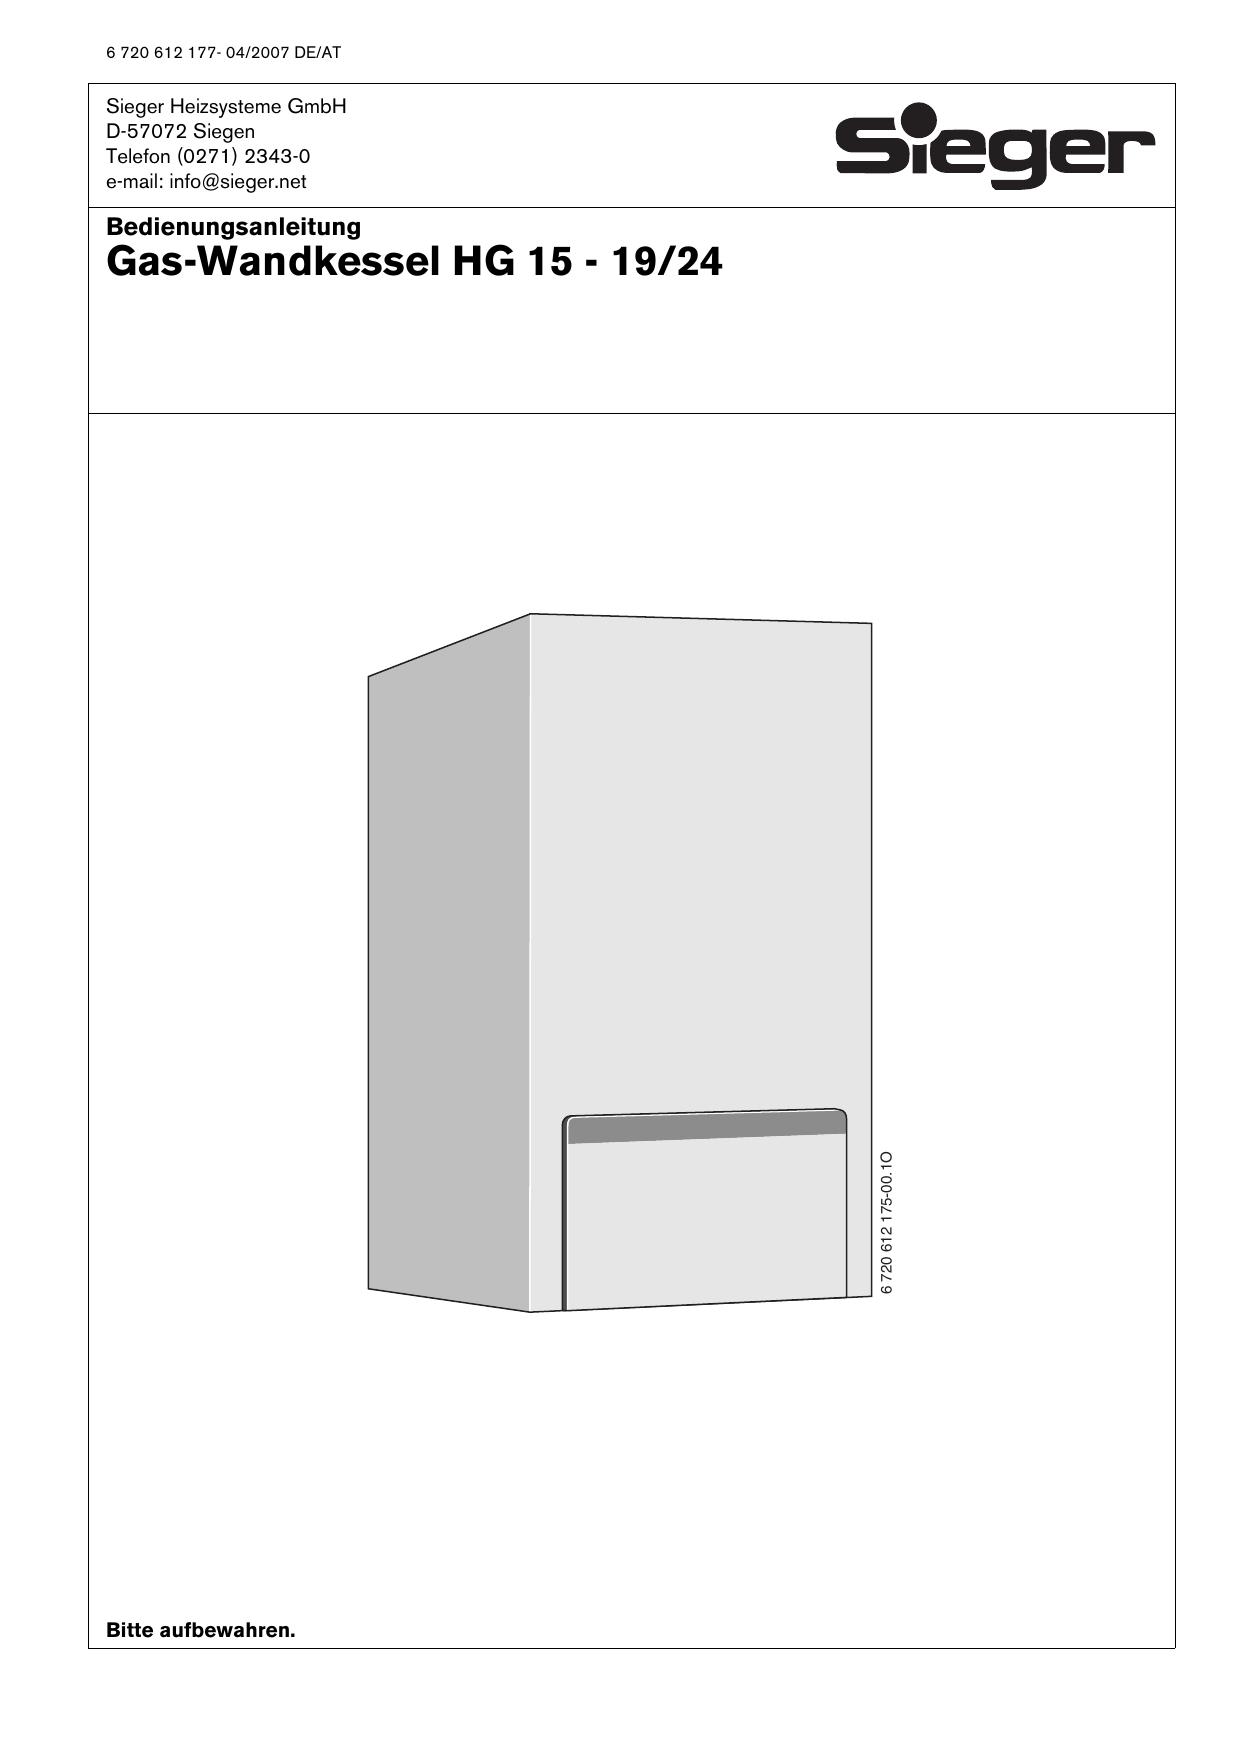 Bedienungsanleitung - Sieger Heizsysteme | manualzz.com